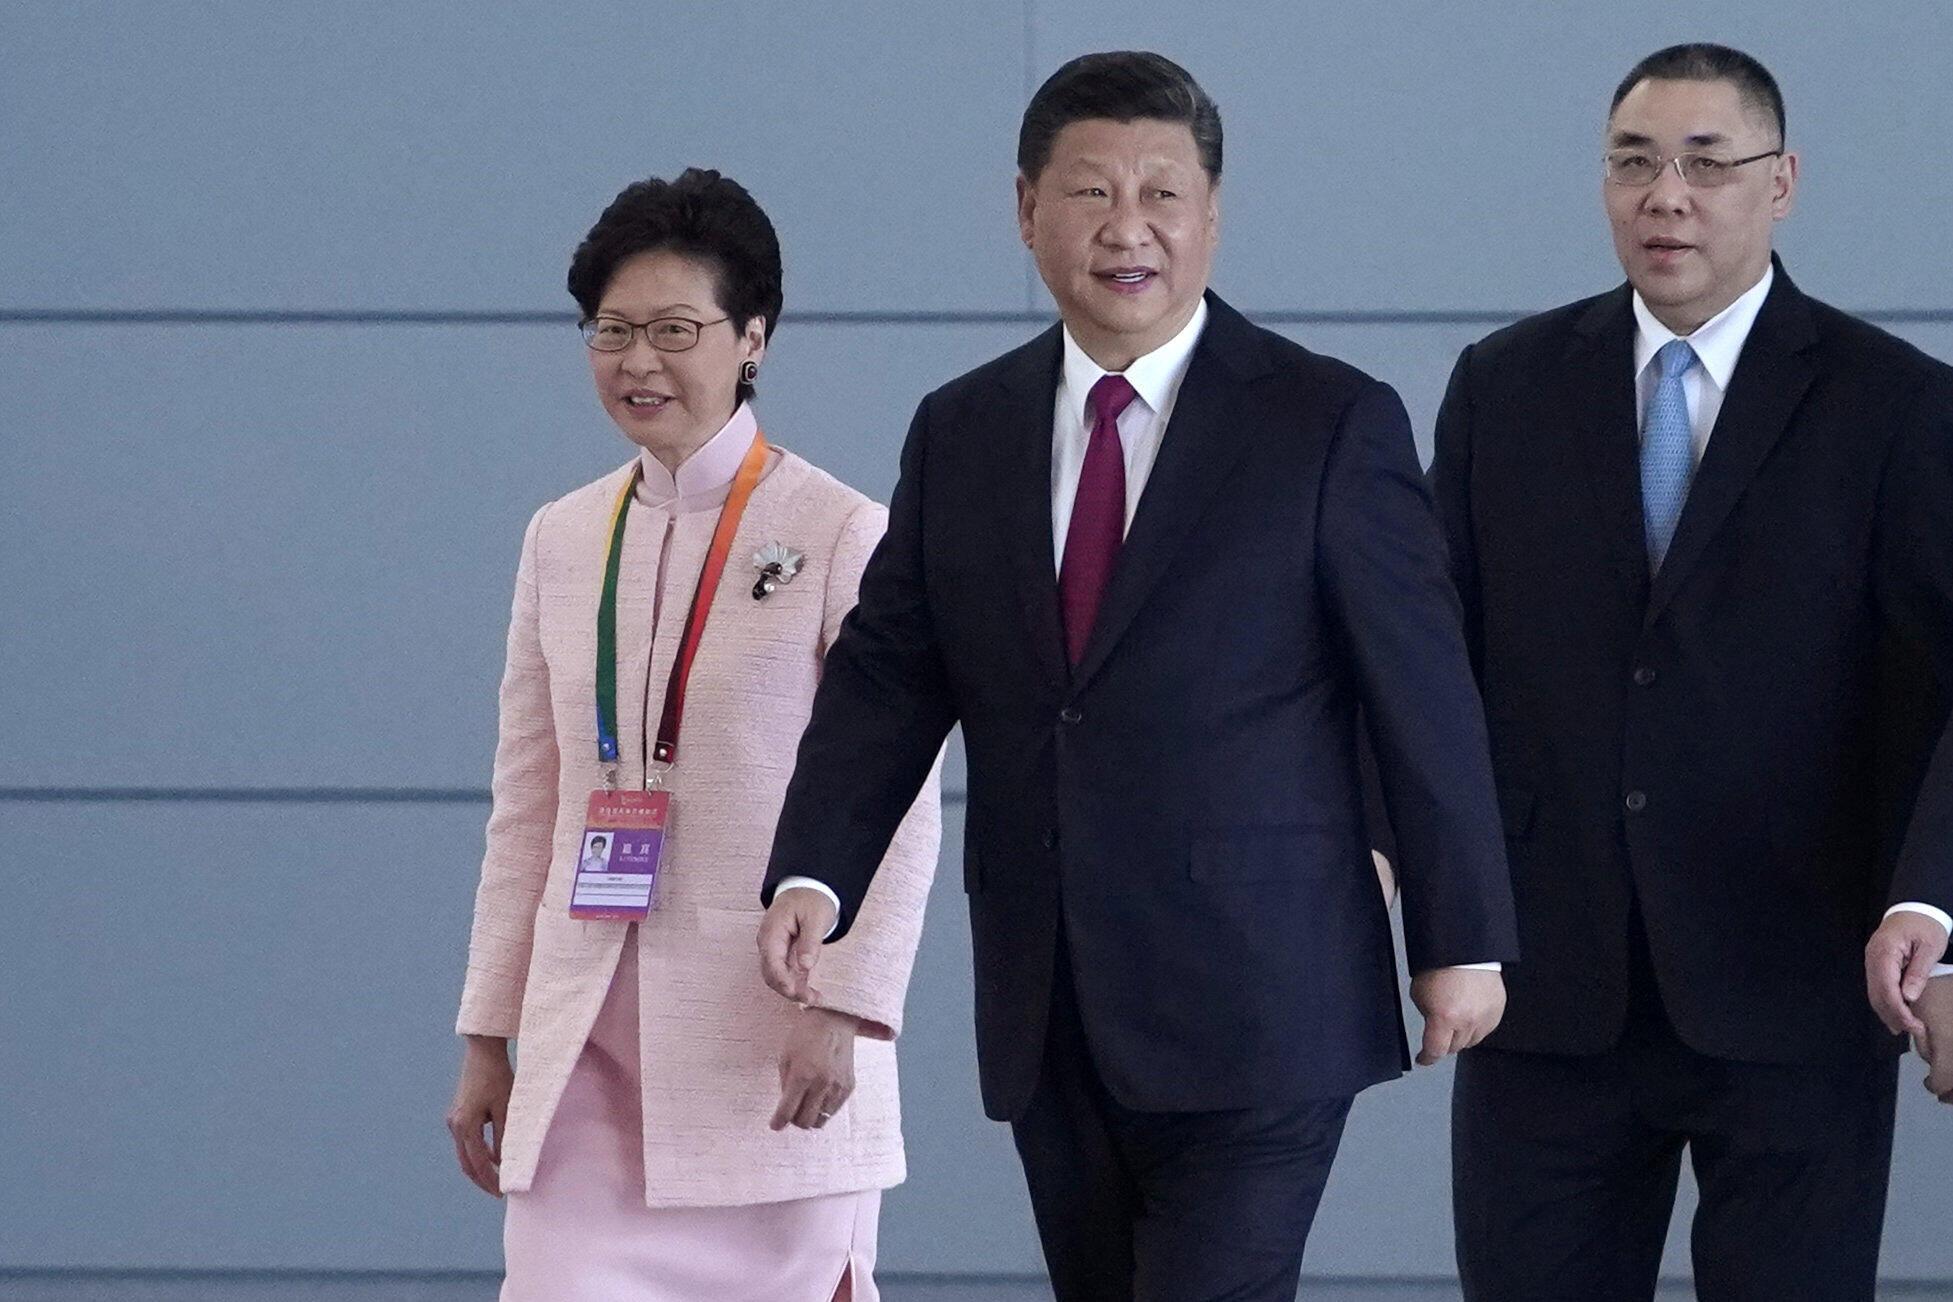 资料图片:2018年10月23日,澳门特首崔世安(右)与香港特首林郑月娥(左)陪同中国国家主席习近平出席珠港澳大桥通车剪彩仪式。